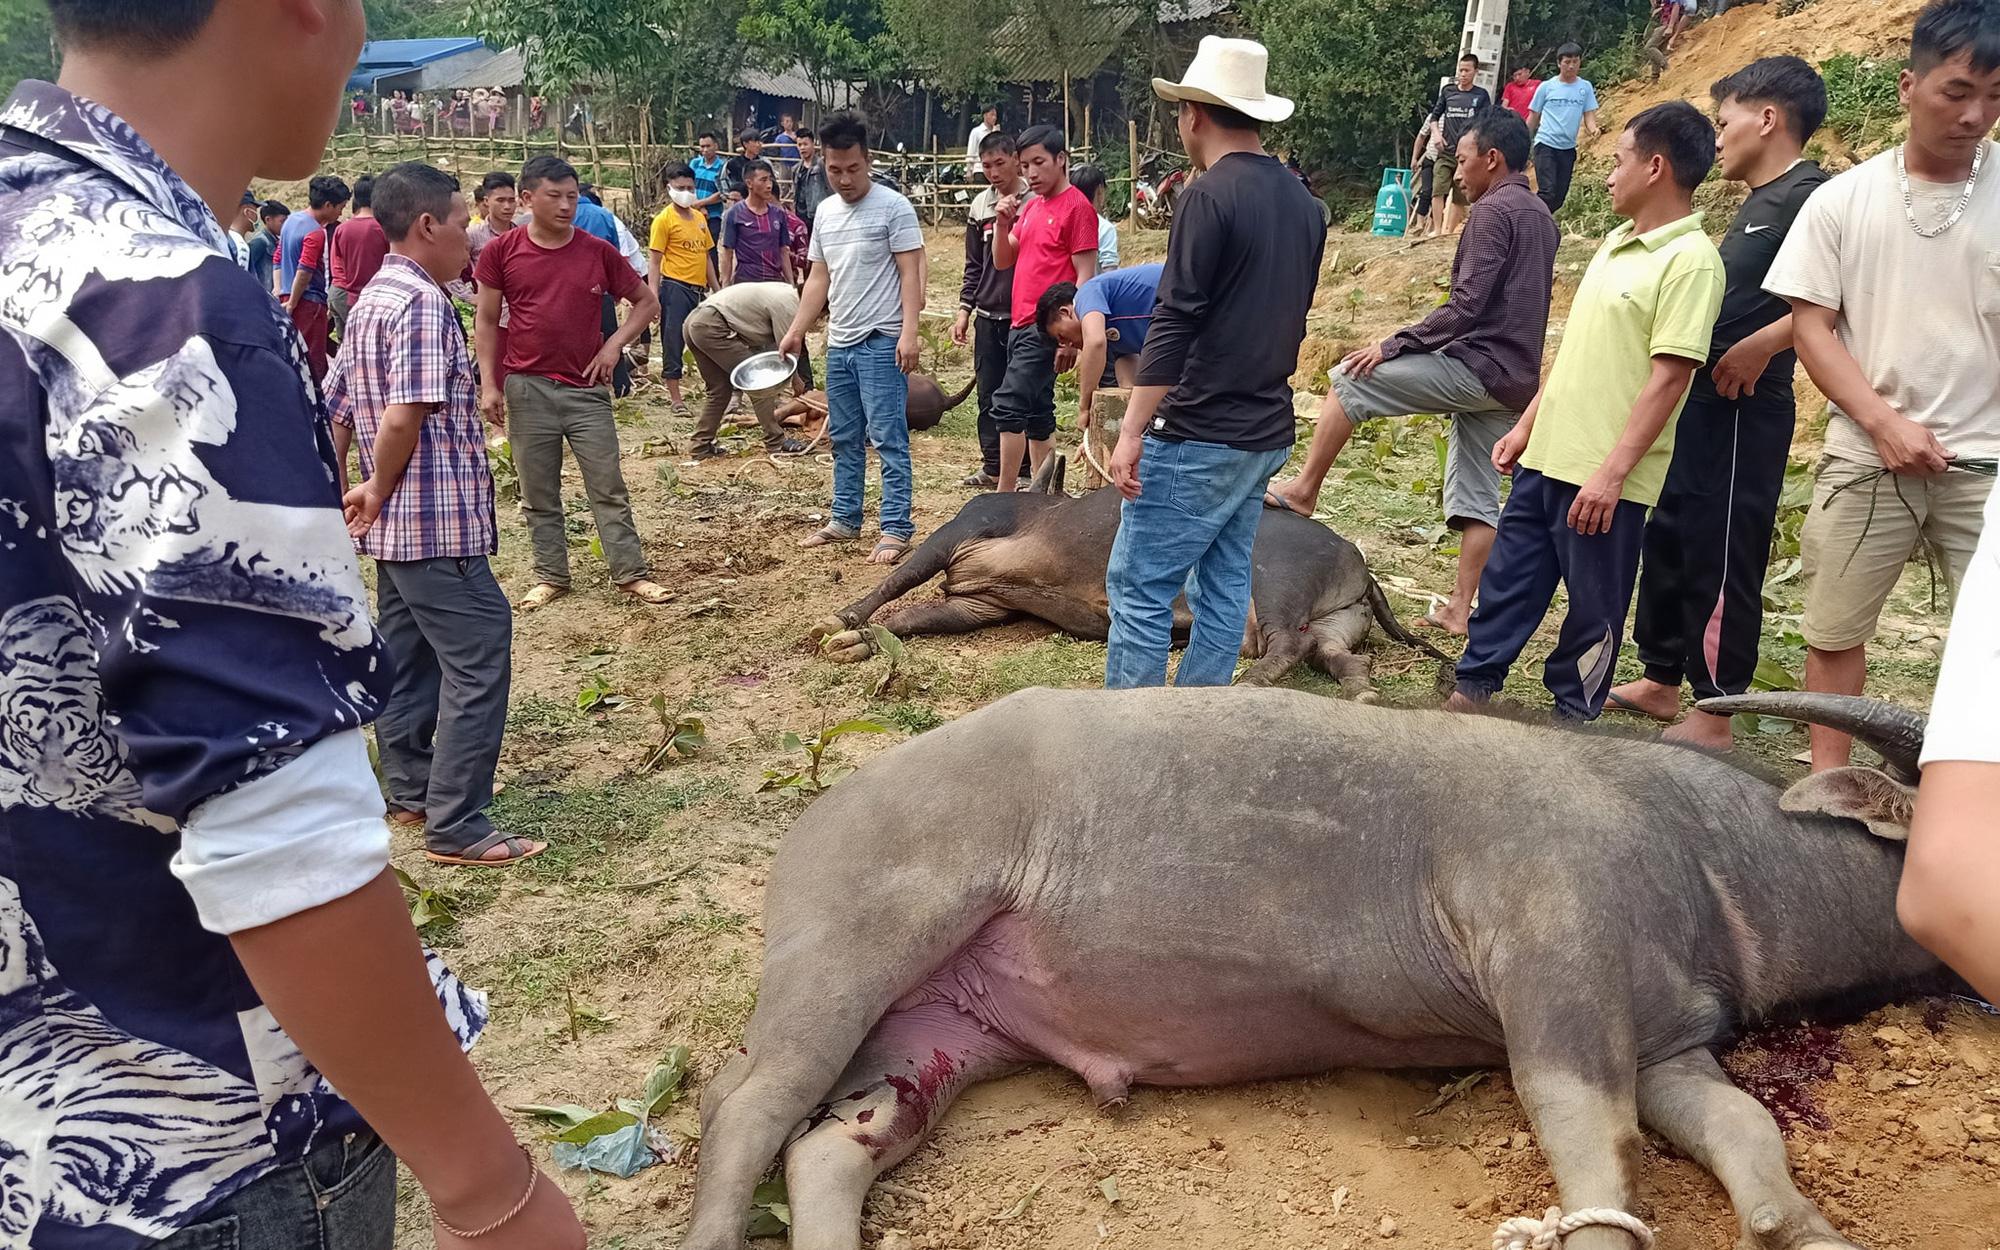 Cuộc cách mạng phong tục người Mông ở Sơn La: Bài 1: Treo người chết giữa nhà, thịt trâu ăn 7 ngày không hết